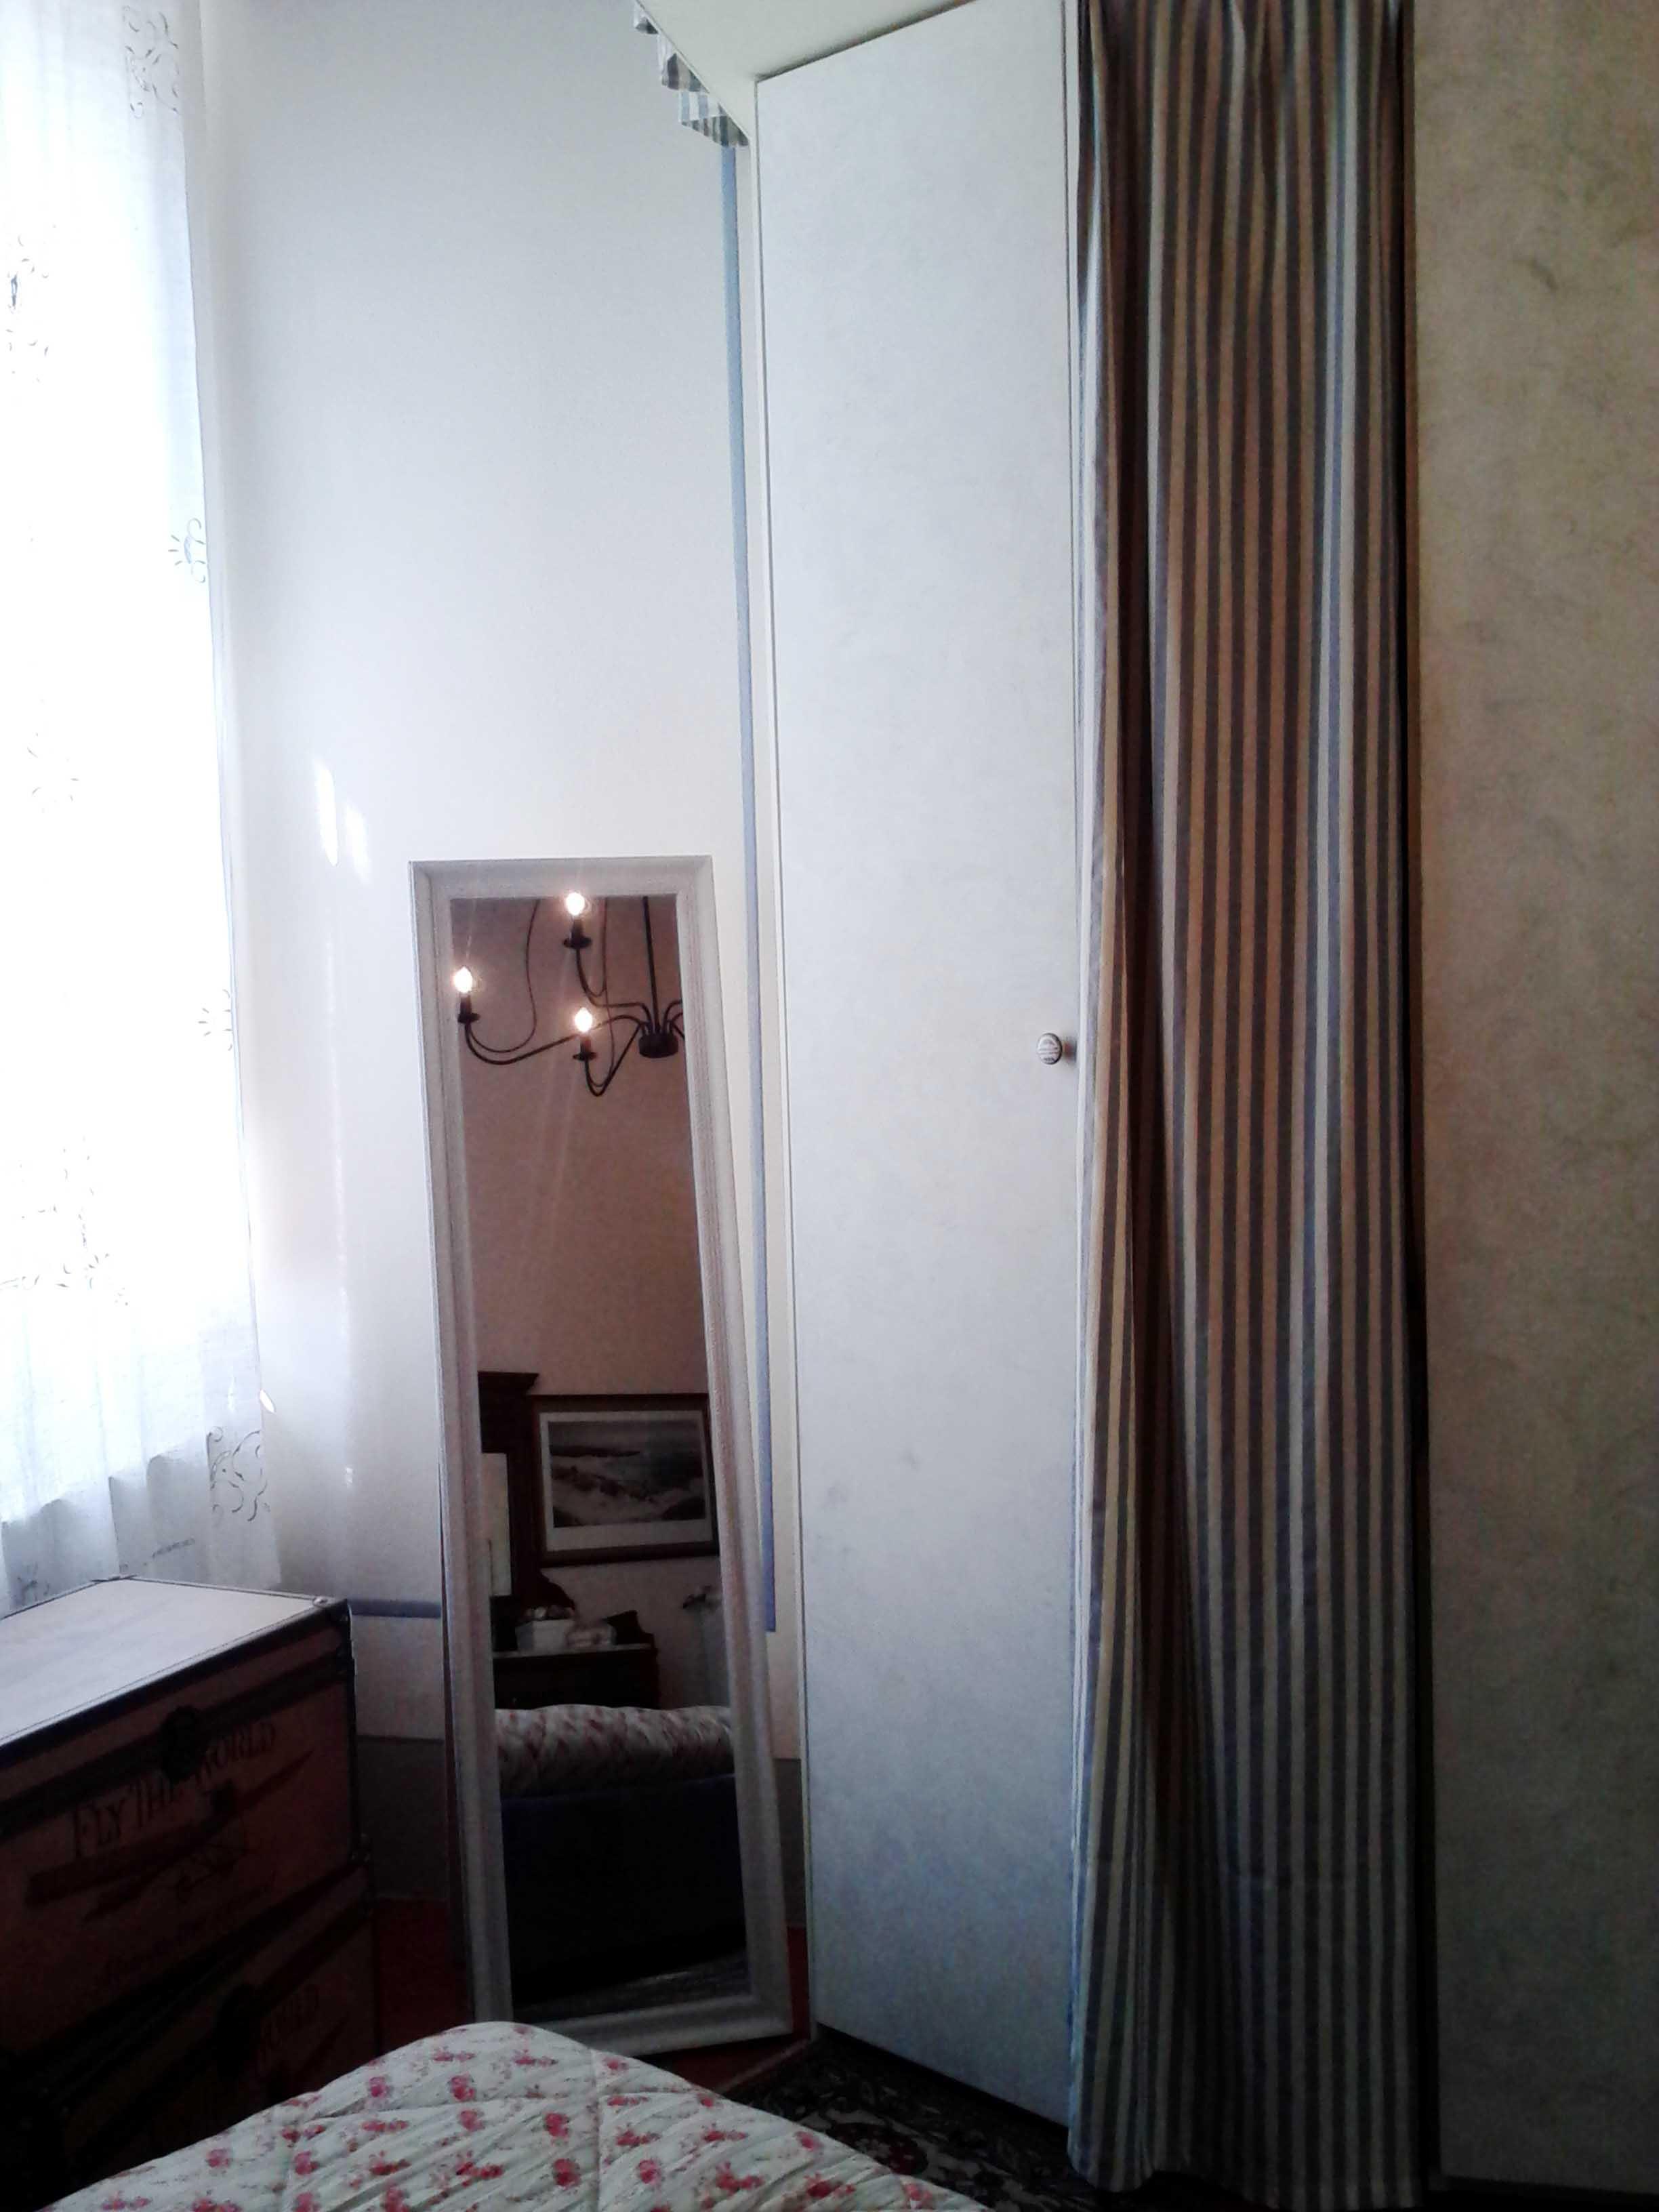 Camera da letto come inserire la tv nell armadio - Letto nell armadio ...